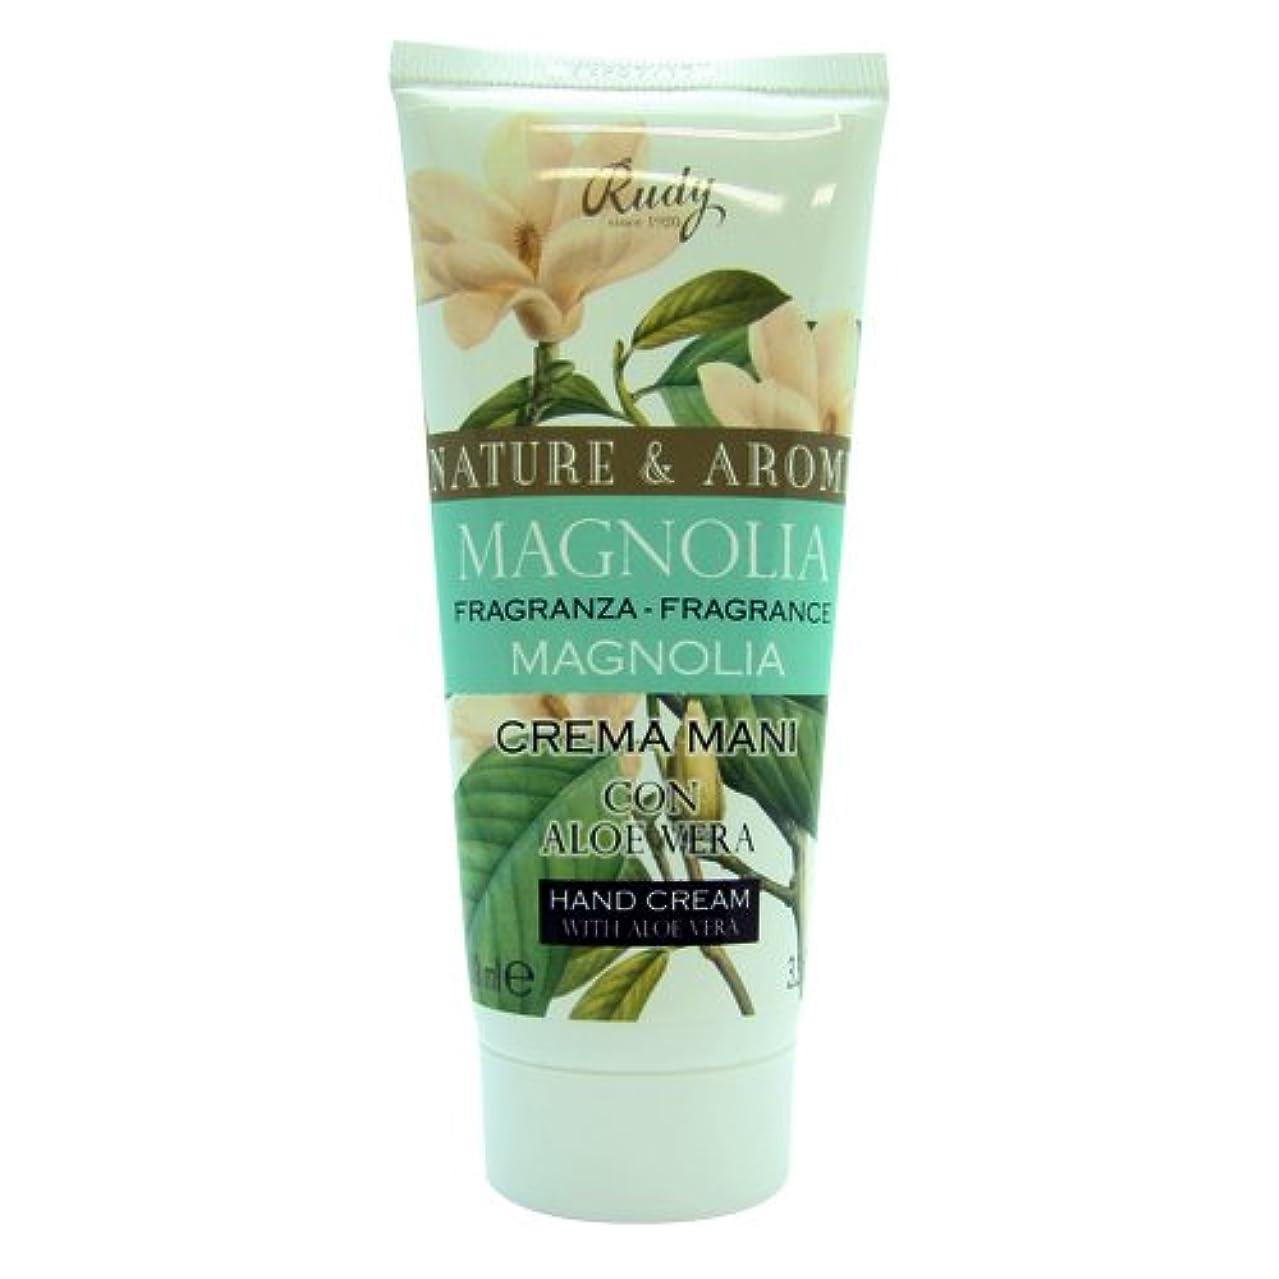 単なる身元緩めるRUDY Nature&Arome SERIES ルディ ナチュール&アロマ Hand Cream ハンドクリーム  Magnolia マグノリア